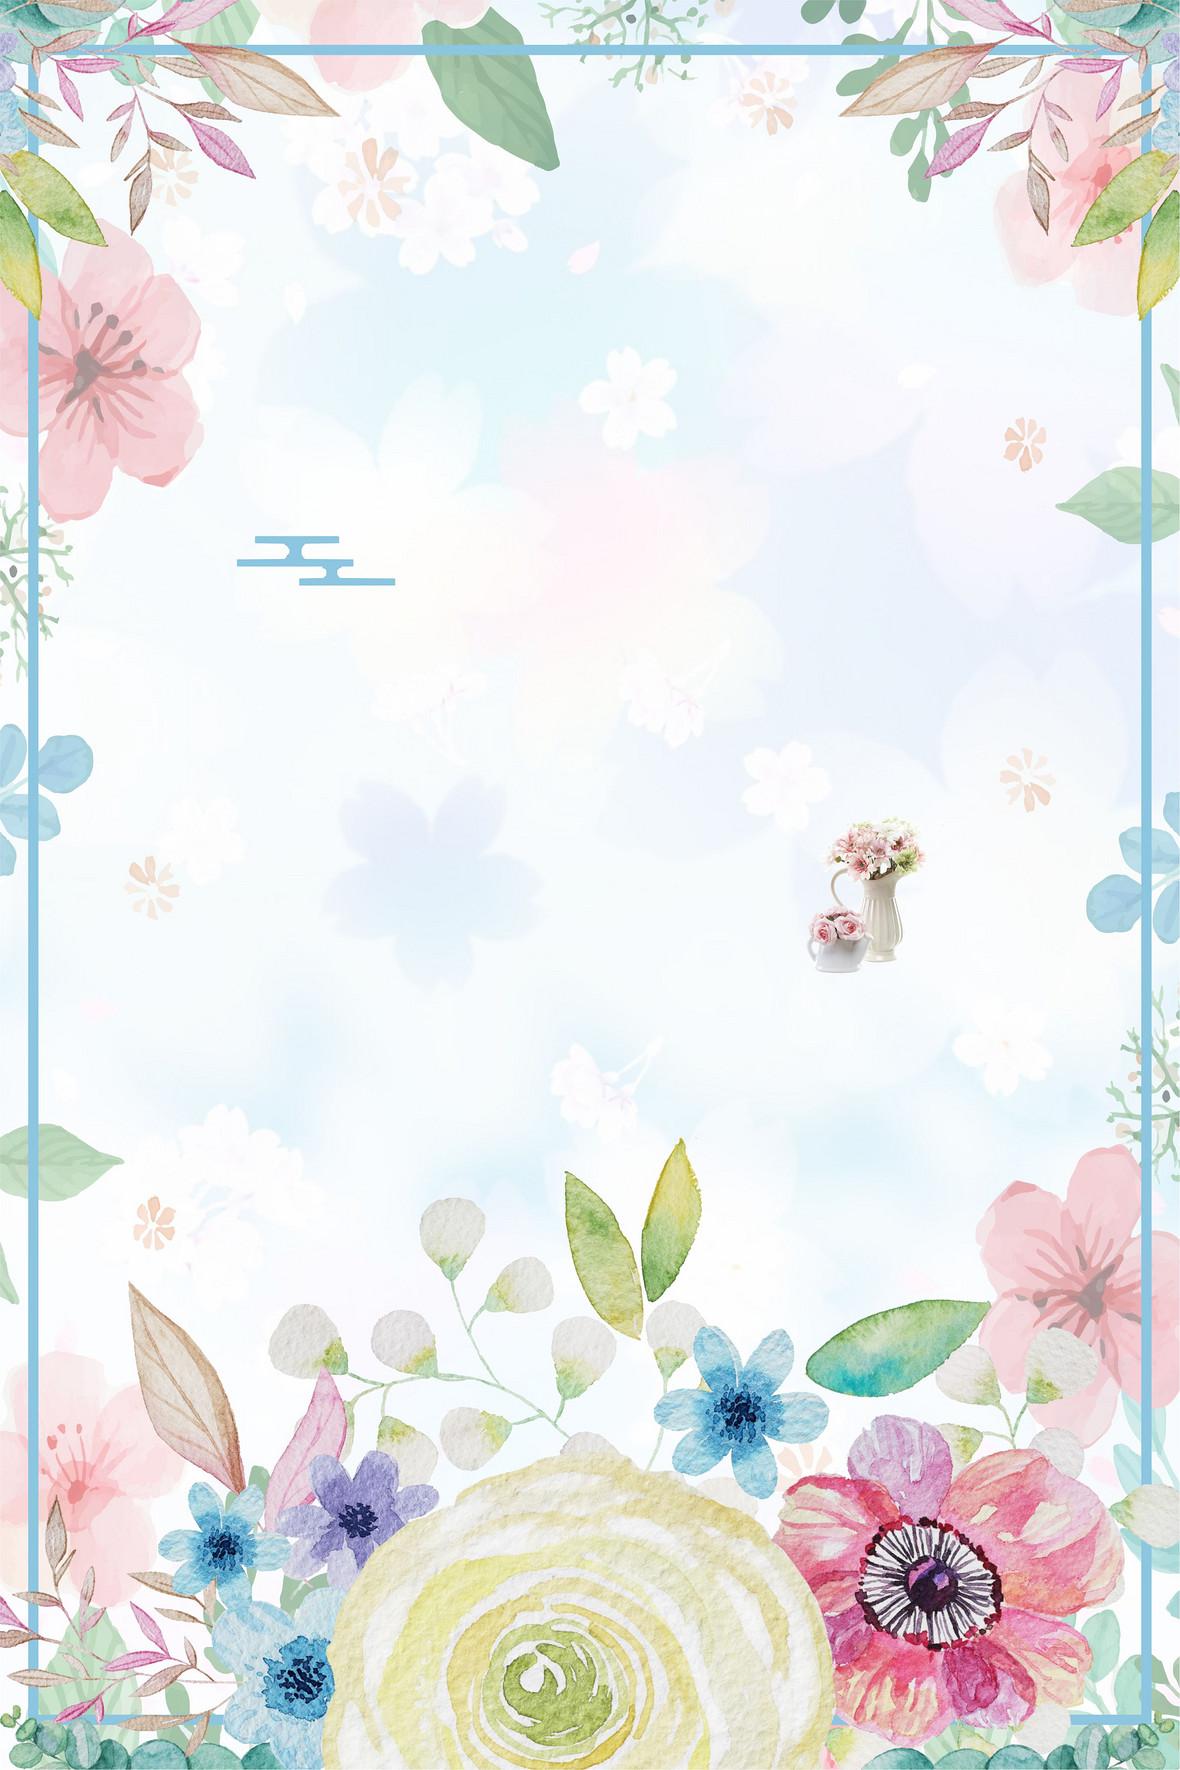 小清新手绘插花矢量海报背景模板